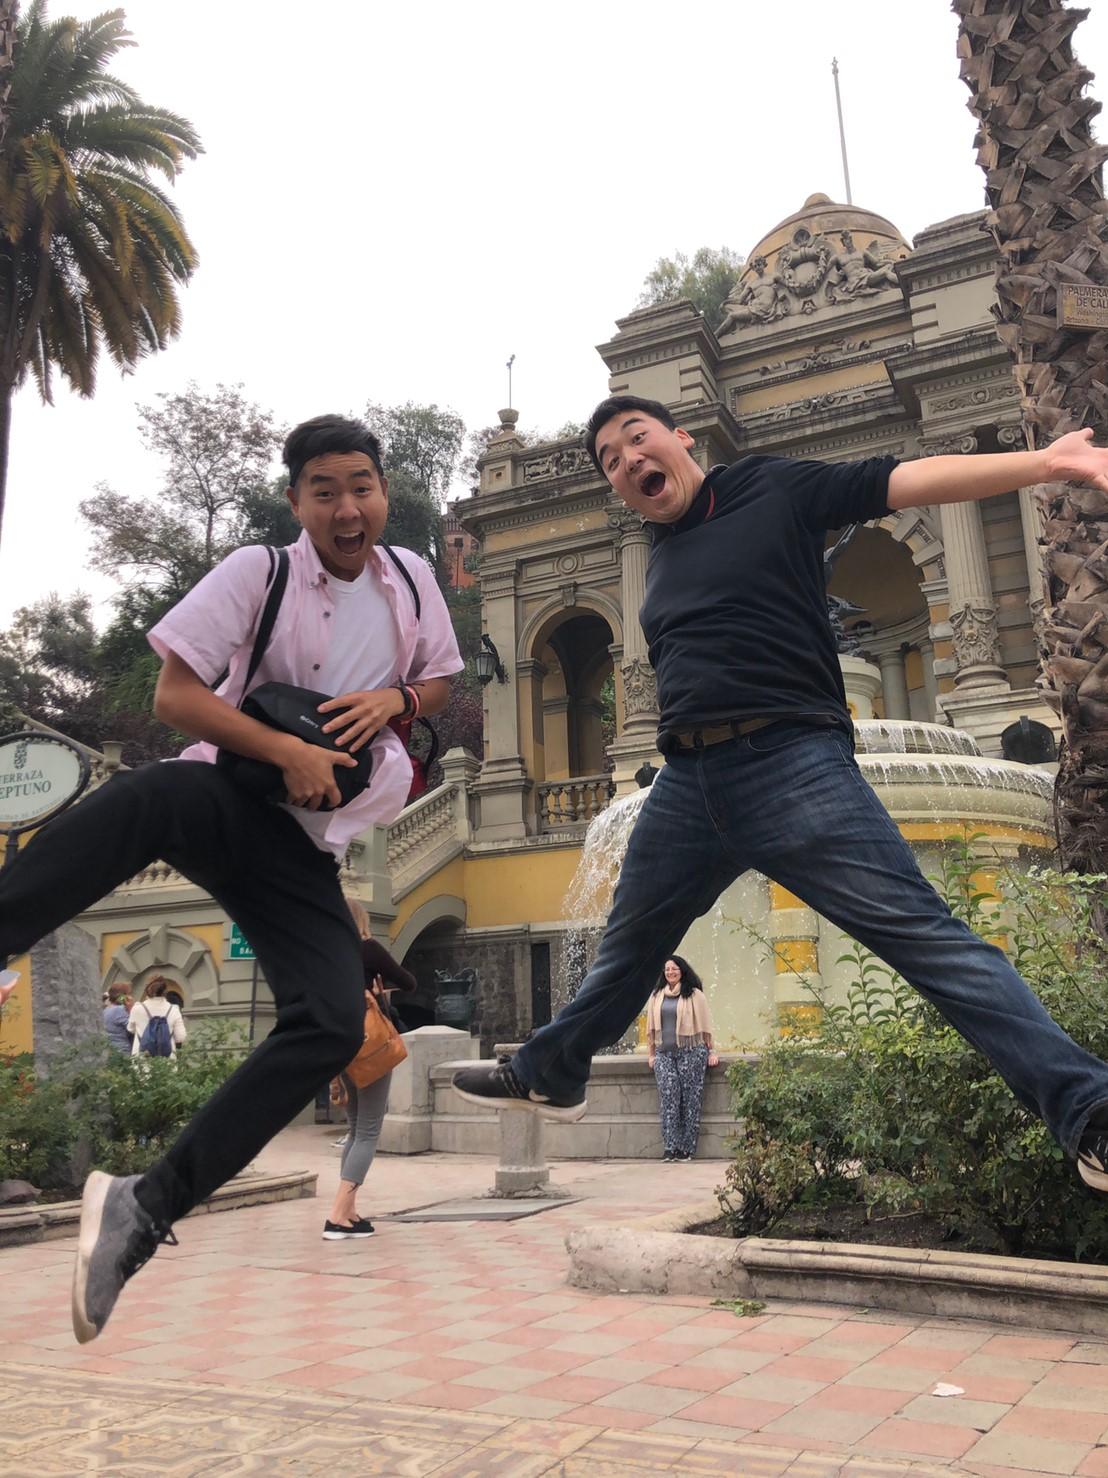 4.21 - Bros jumping .jpg